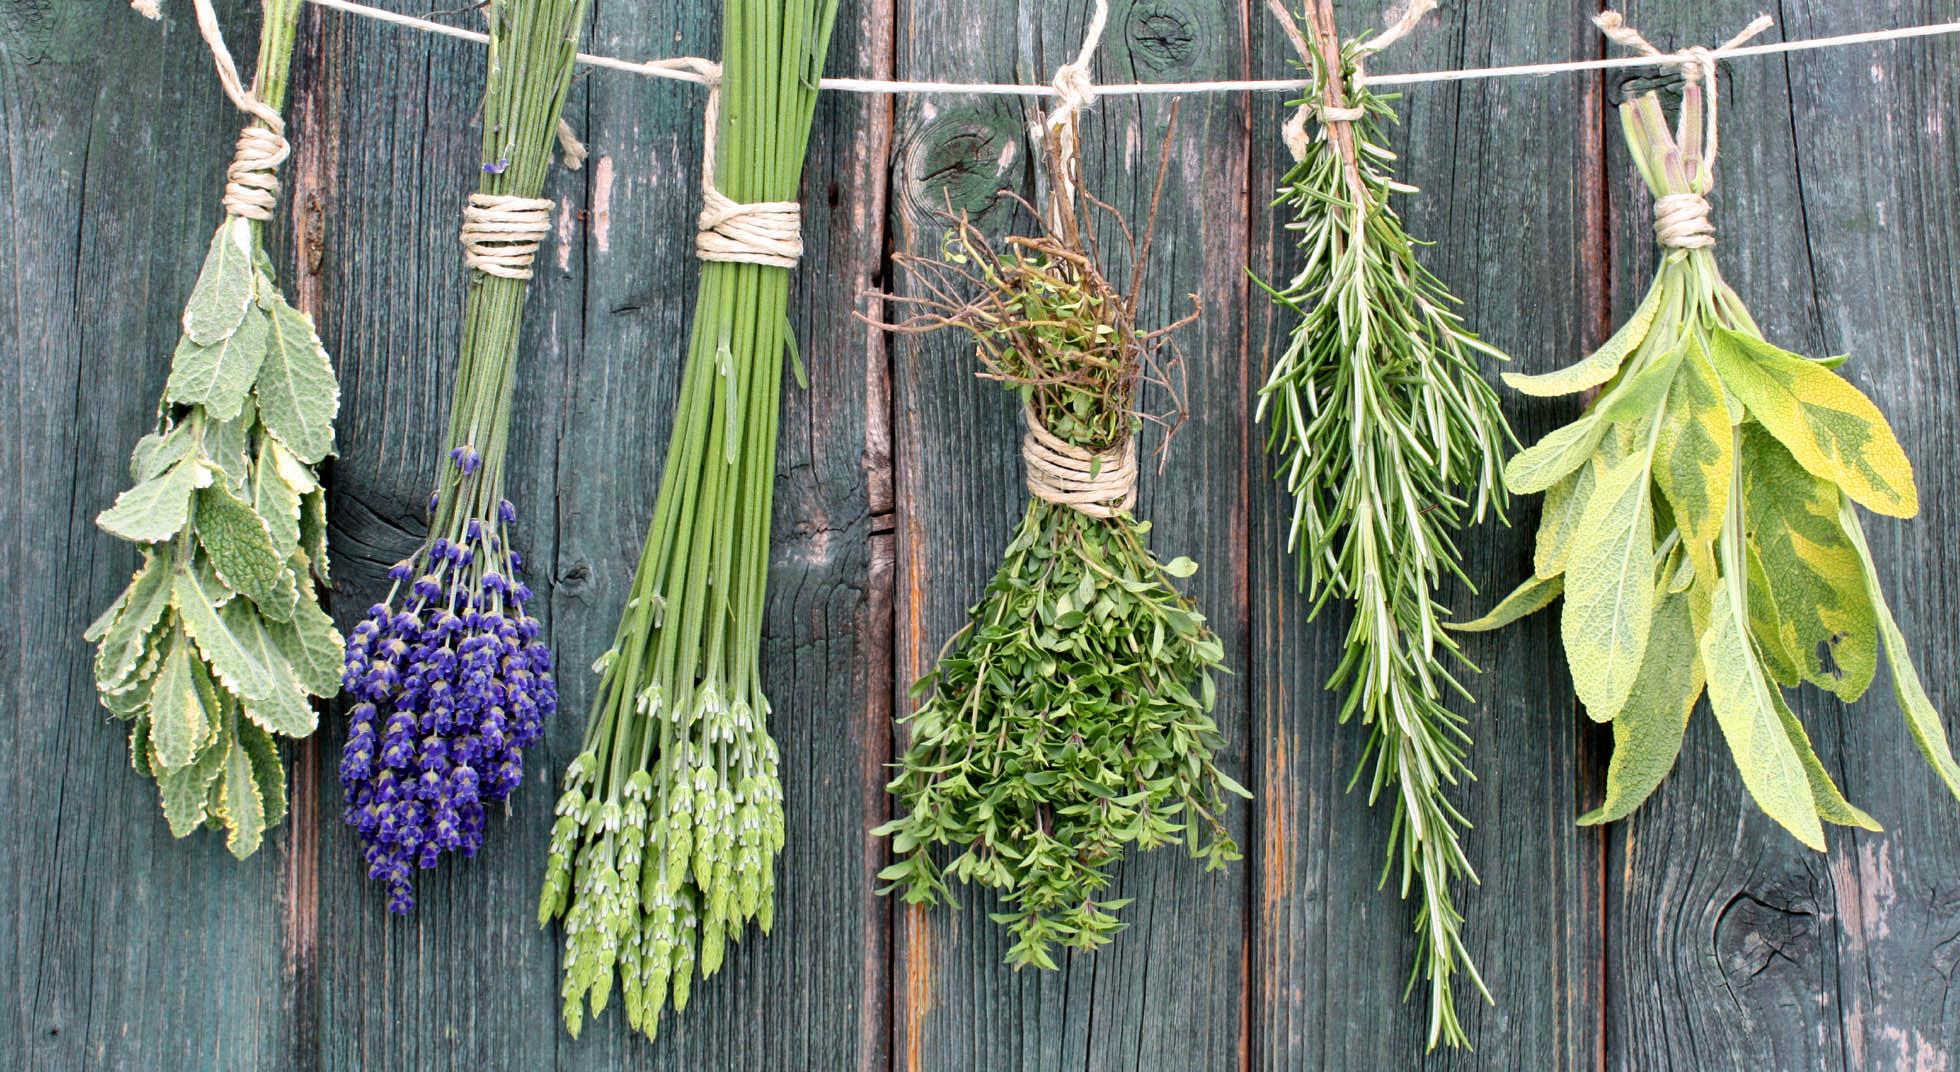 Mix di erbe aromatiche come farle per eliminare il sale - Erbe aromatiche in casa ...